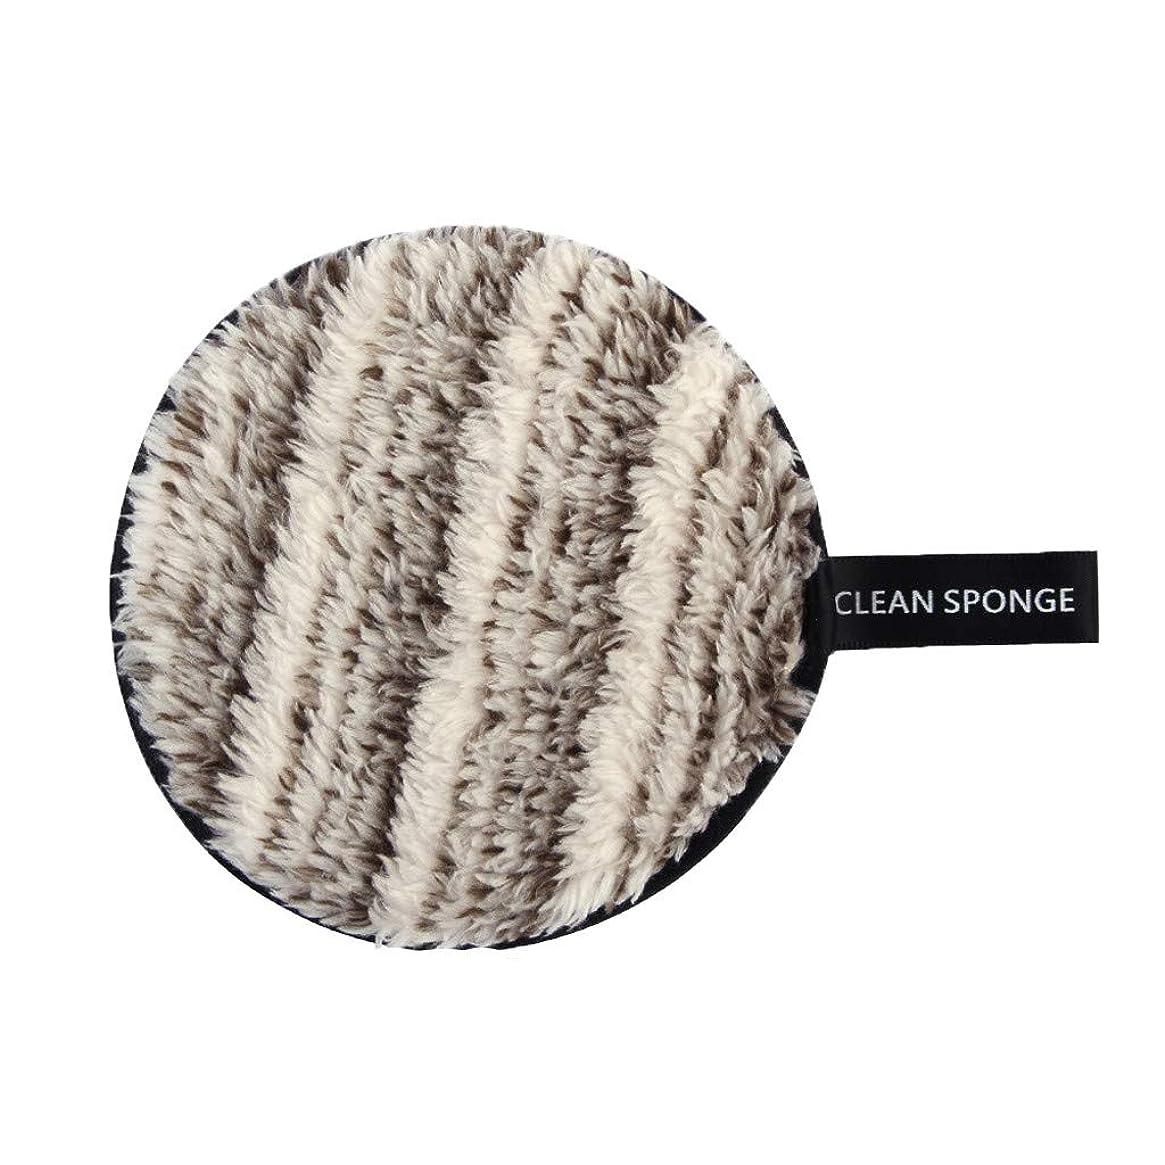 キャッシュ経験者つぶやきPosmant 両面 非常に上質 繊維 化粧落とし パフ 環境に優しい 複数の色 選択できます 便利な 高品質 耐久性あり カラフル 美容 ツールファッション パーティー 多目的 マニキュア メイク 携帯便利